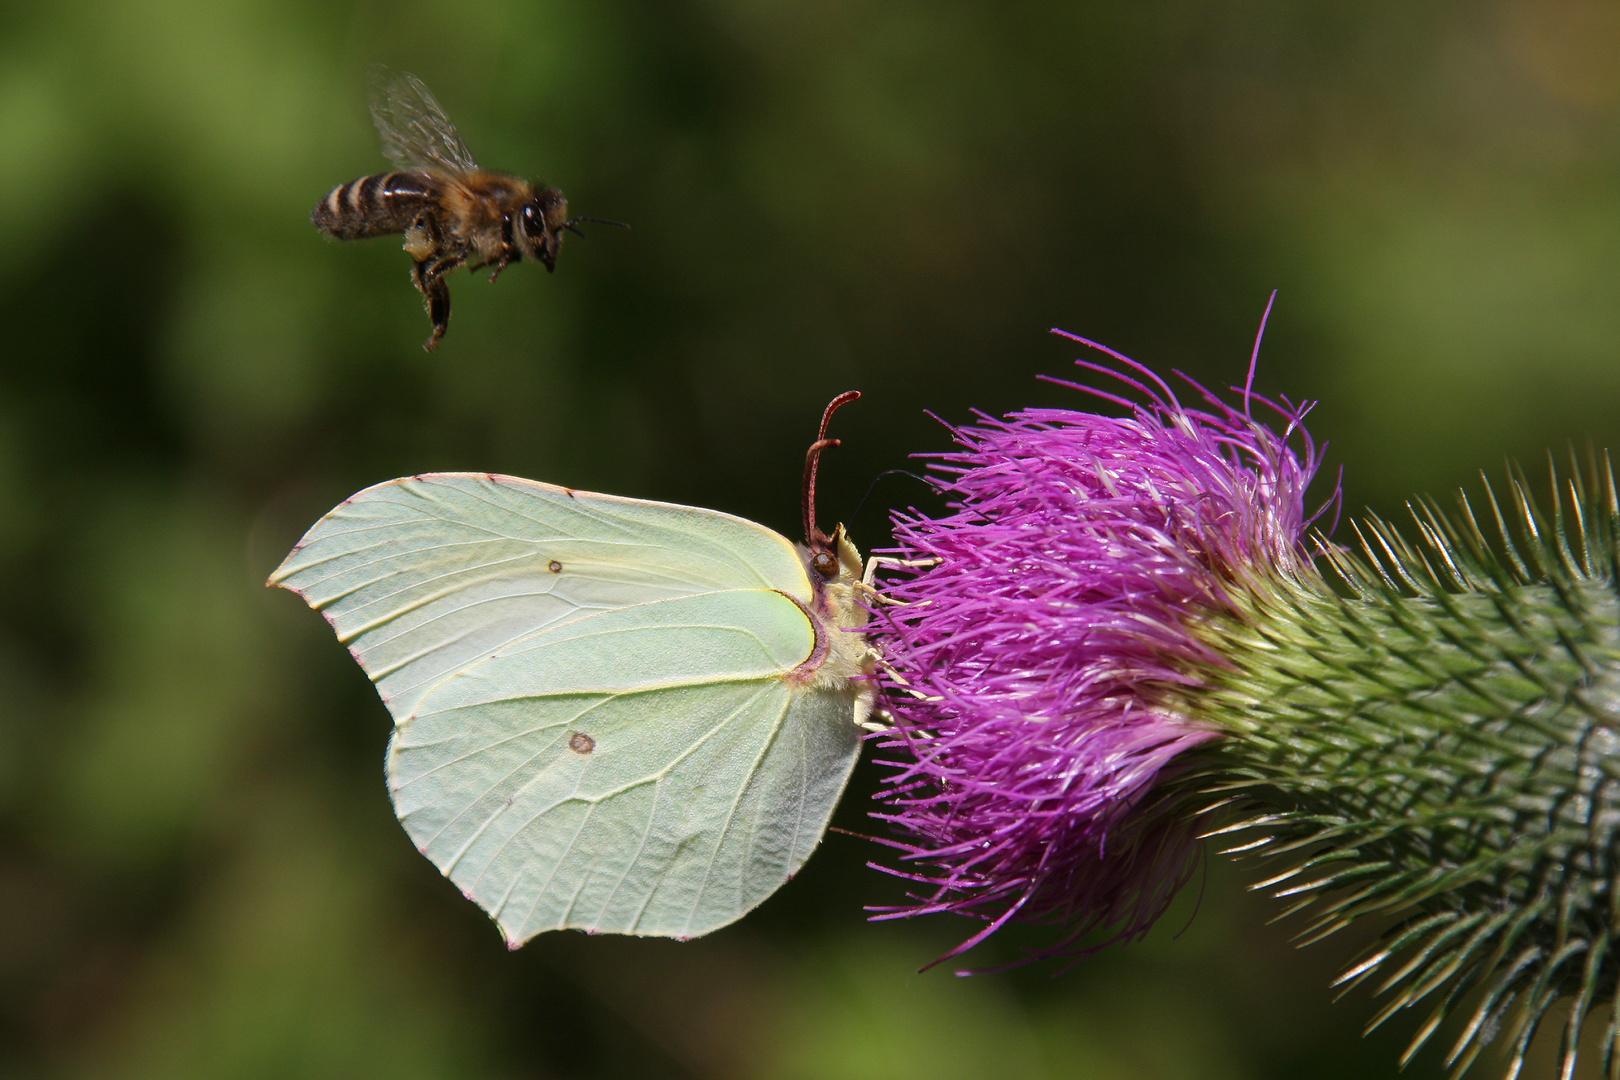 Zitronenfalter oder Brimstone (Gonepteryx rhamni)